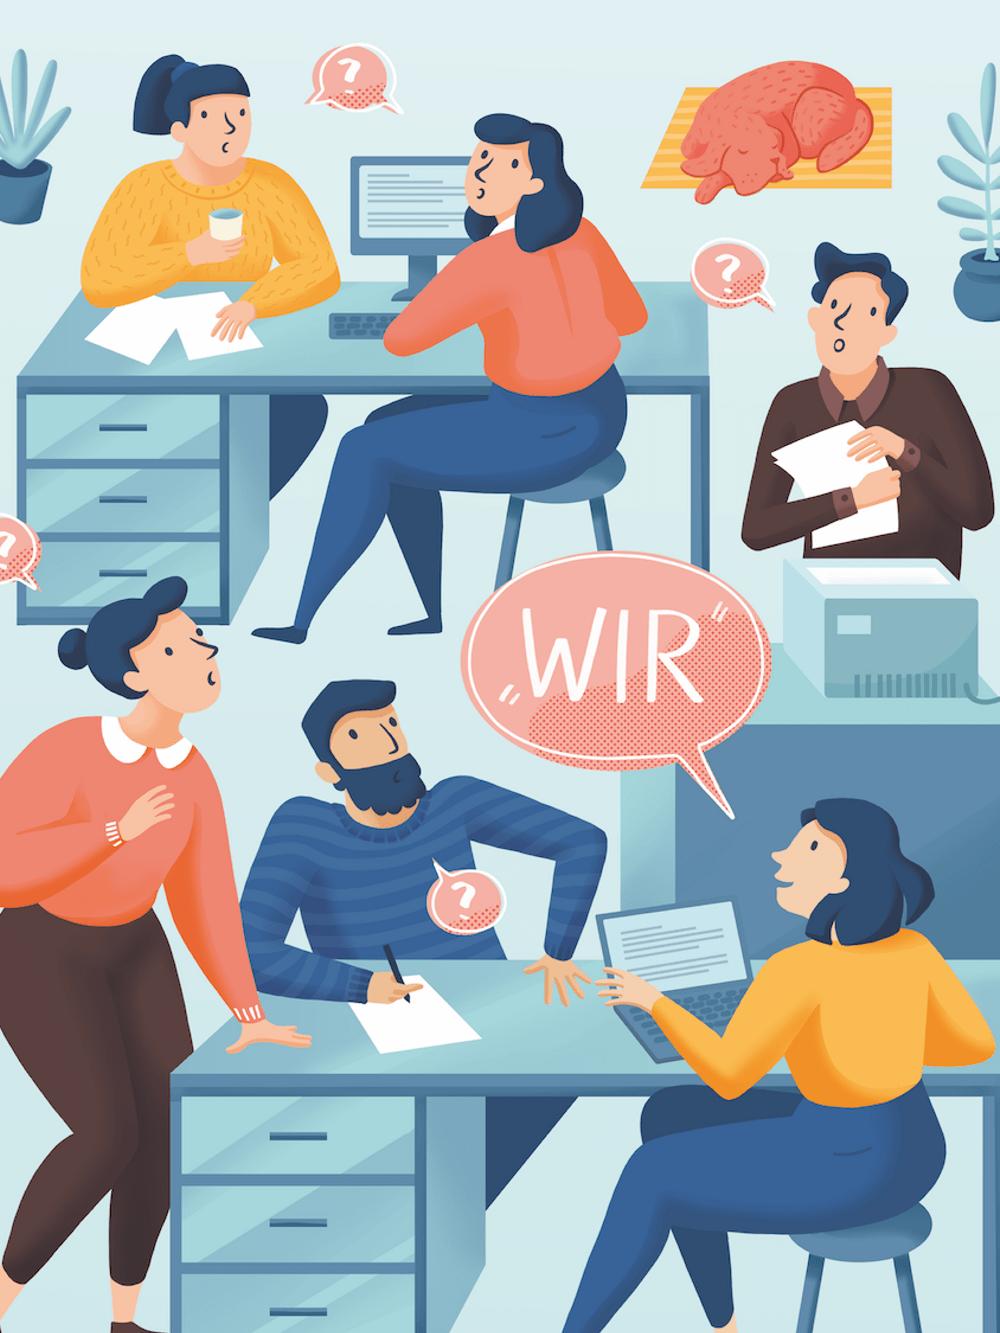 Menschen am Arbeitsplatz, die miteinander sprechen